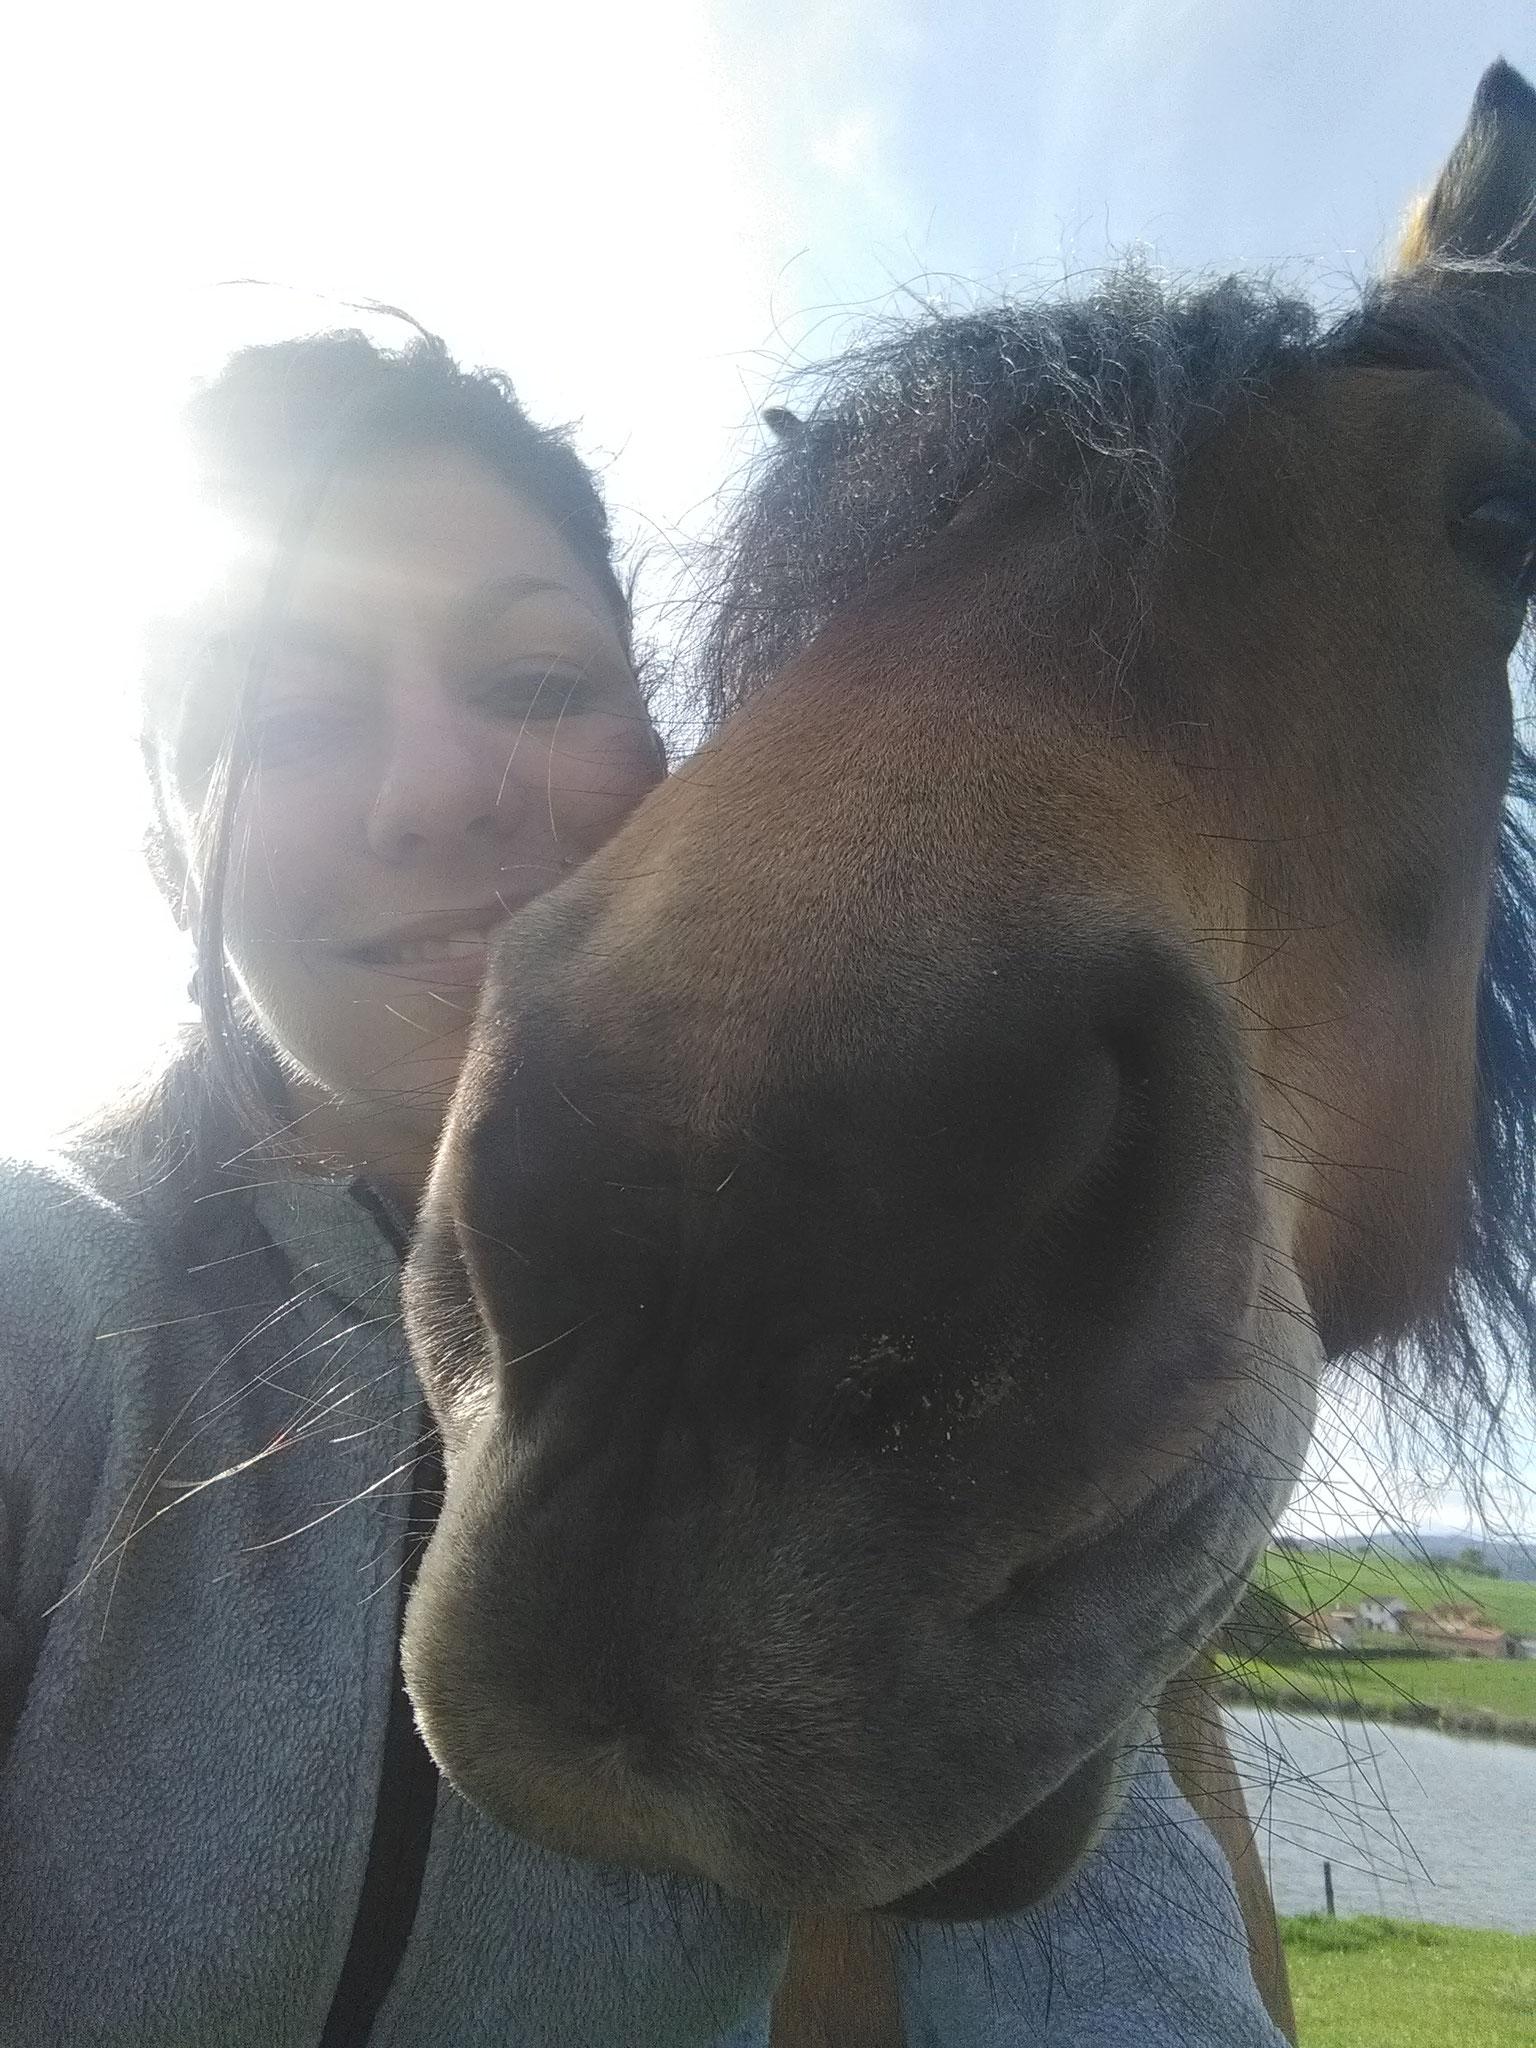 Celtic et Claire en selfie